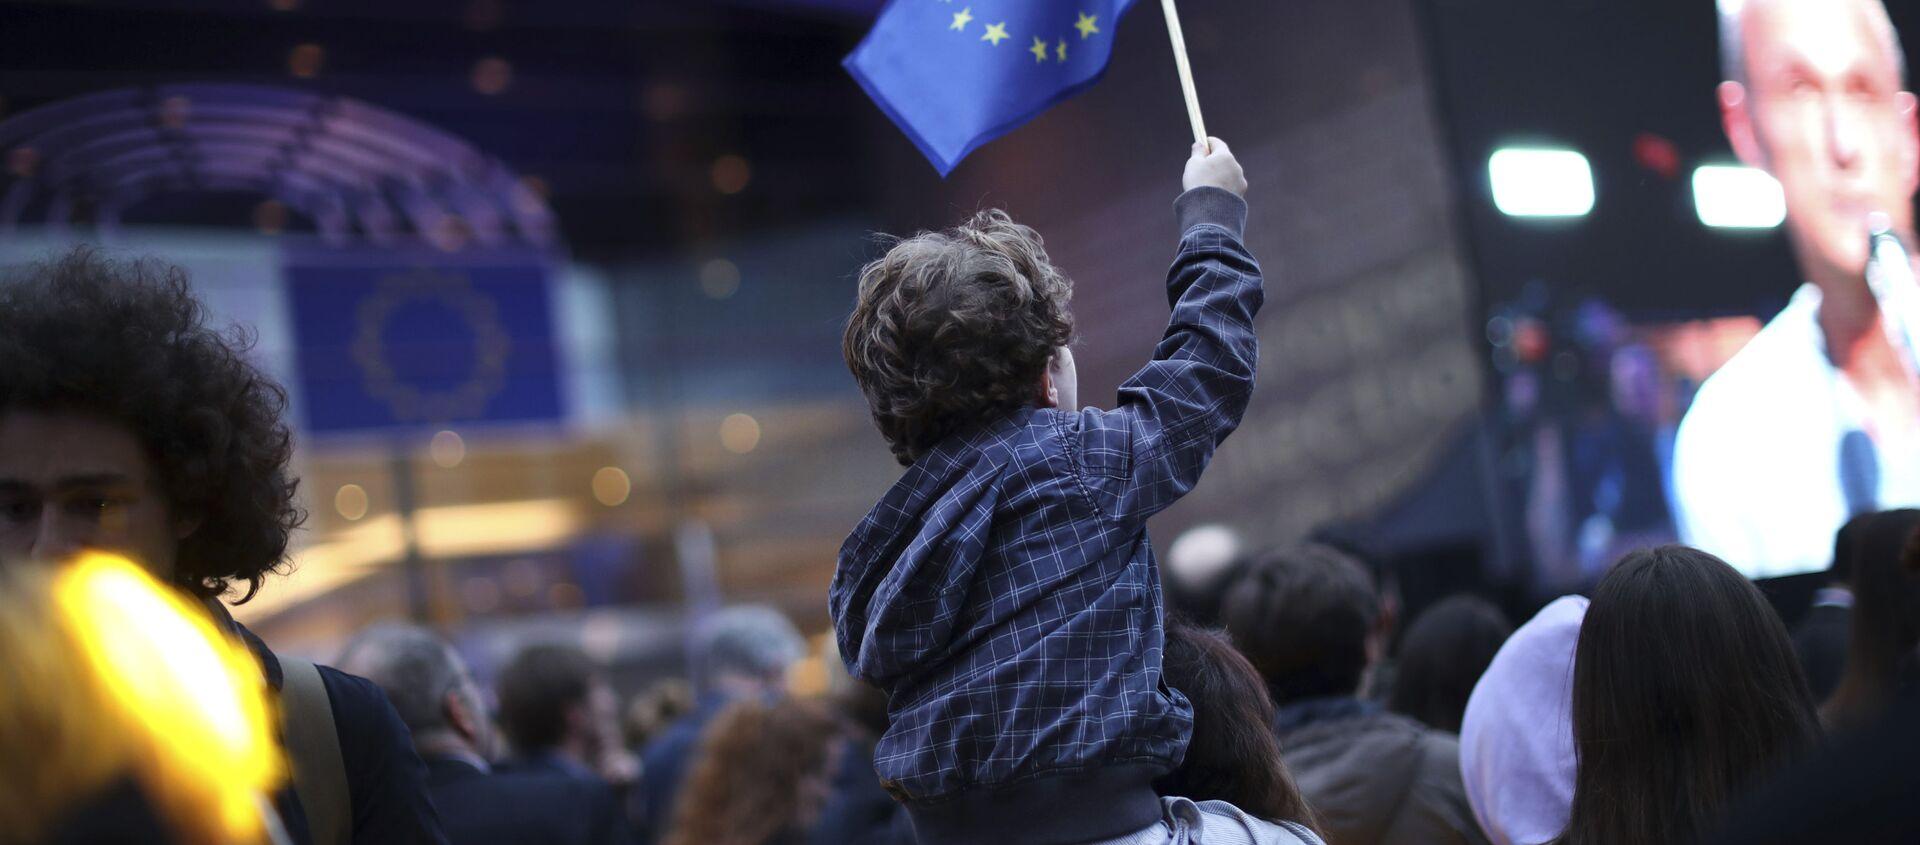 Chłopiec z flagą UE pod budynkiem Parlamentu Europejskiego w Brukseli - Sputnik Polska, 1920, 22.02.2021